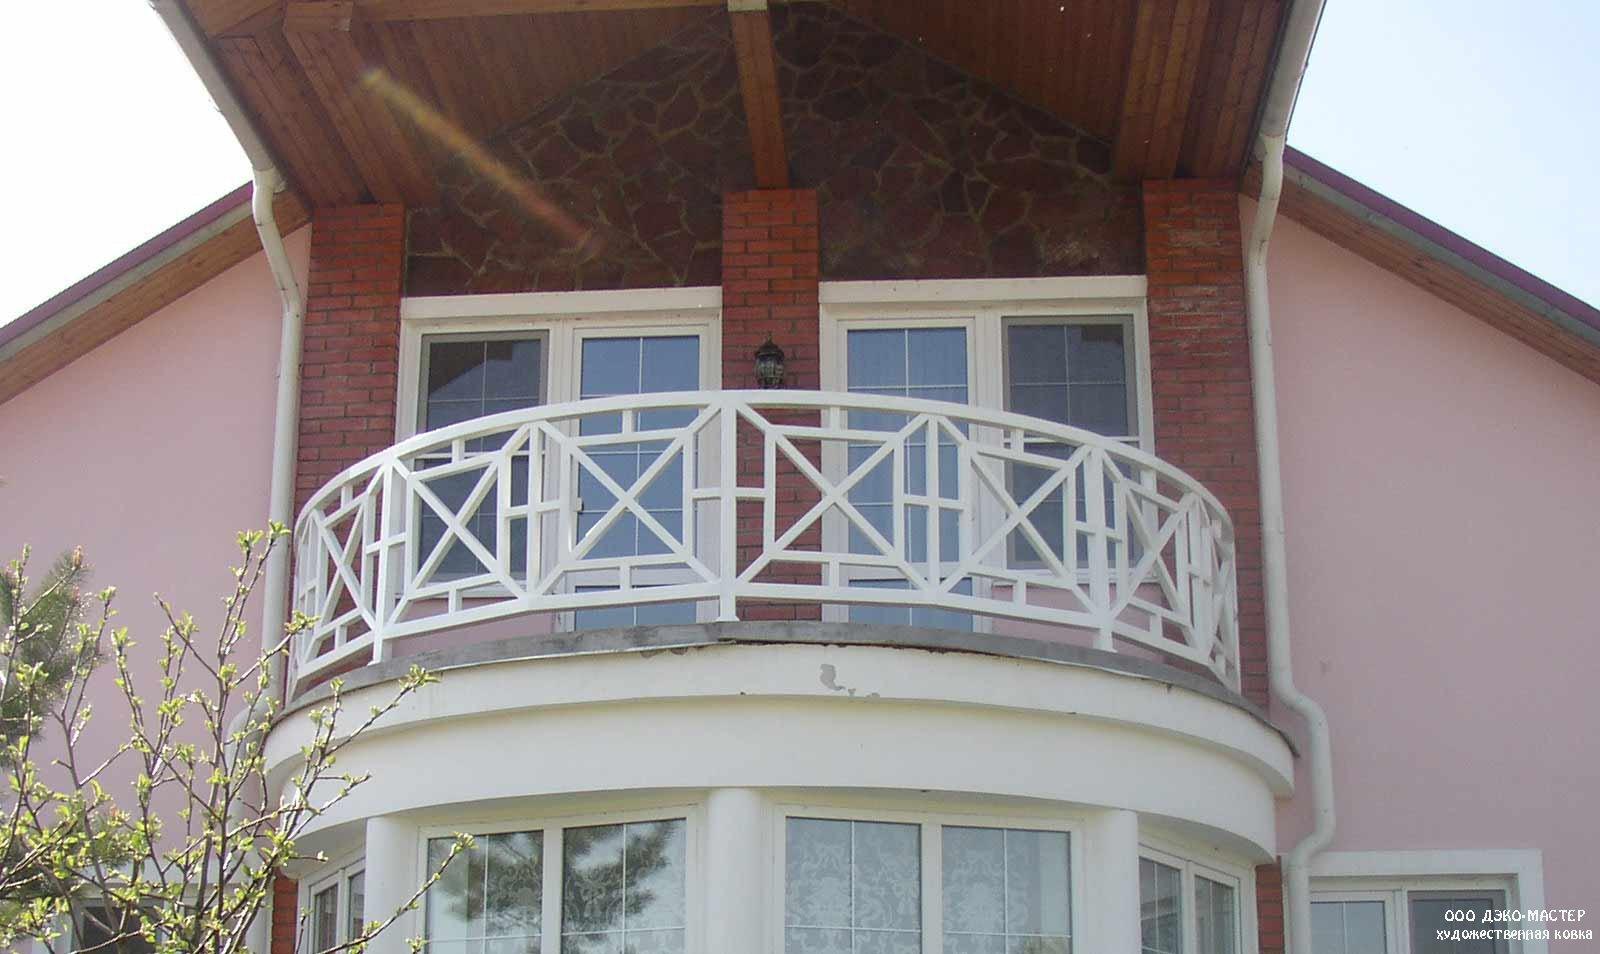 Фото различных вариантов кованых балконов для коттеджей.